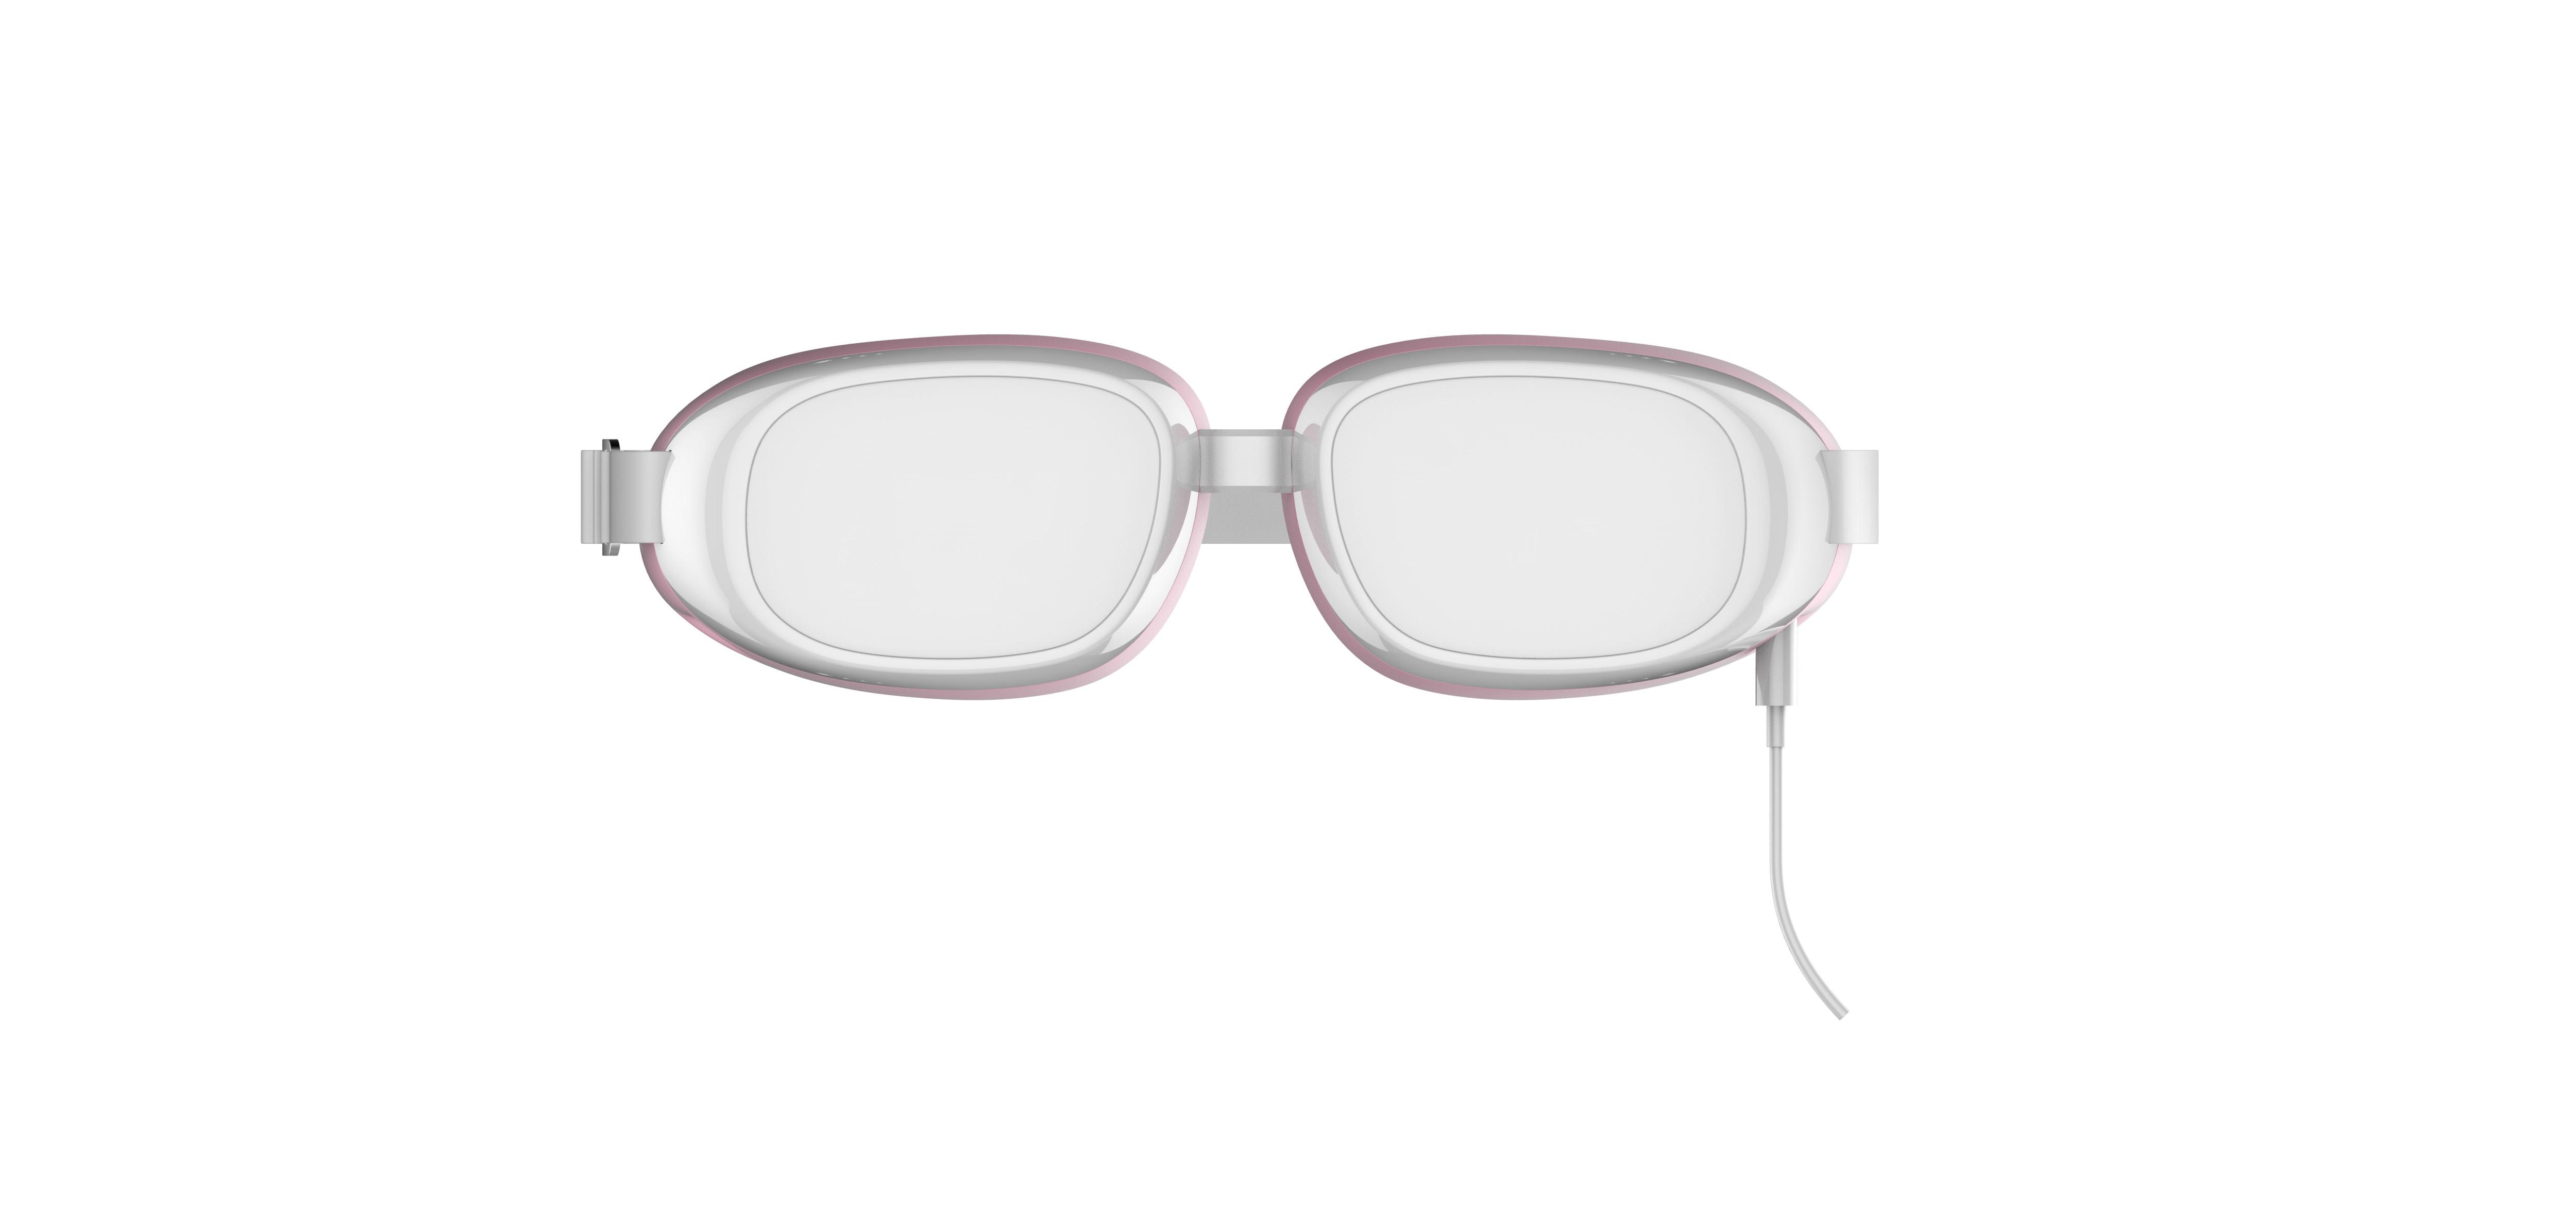 眼部按摩器2_产品设计-来设计